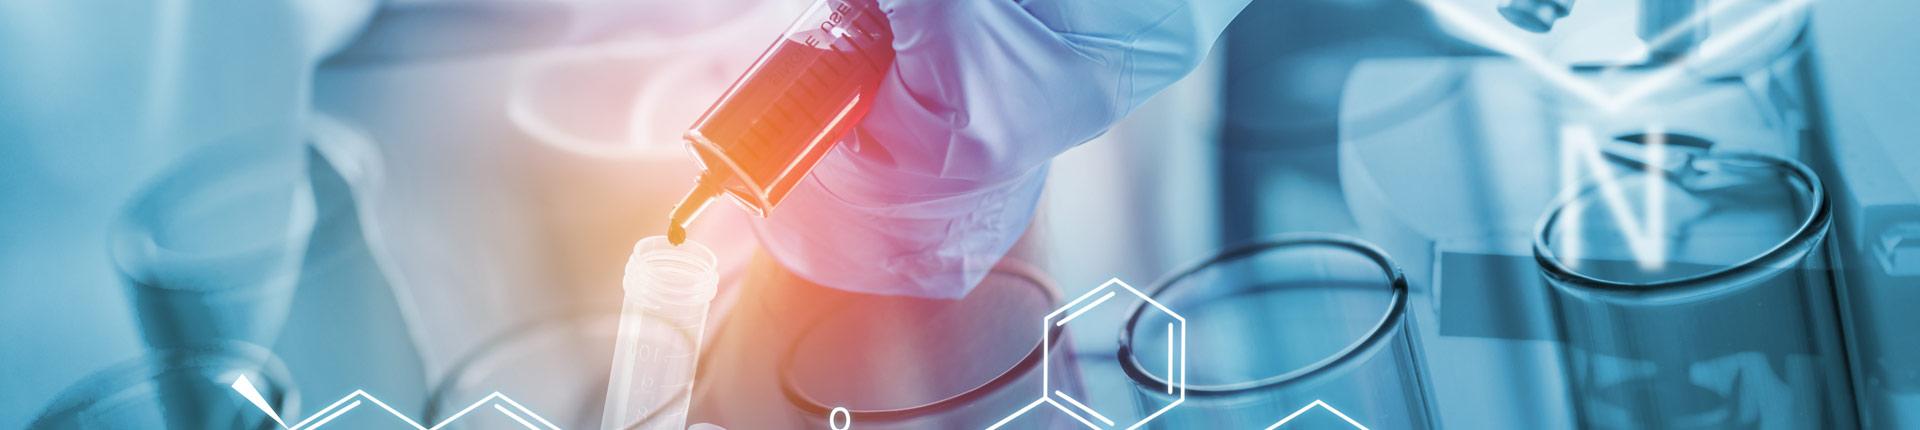 Cytrulina - działanie i efekty. L-cytrulina, jako skuteczny antykatabolik!